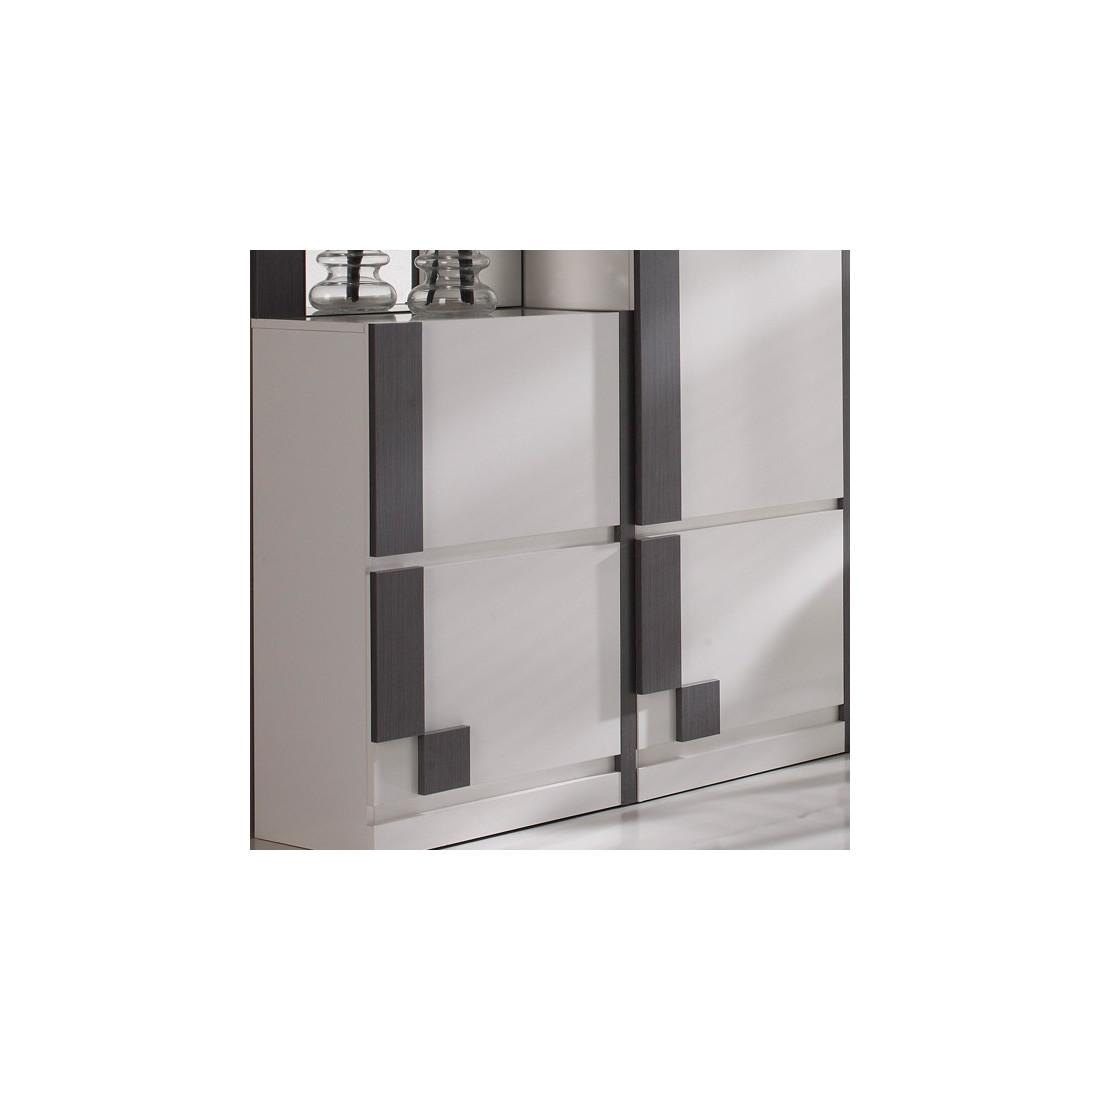 armoire designe 187 armoire blanc laqu 233 avec miroir dernier cabinet id 233 es pour la maison moderne